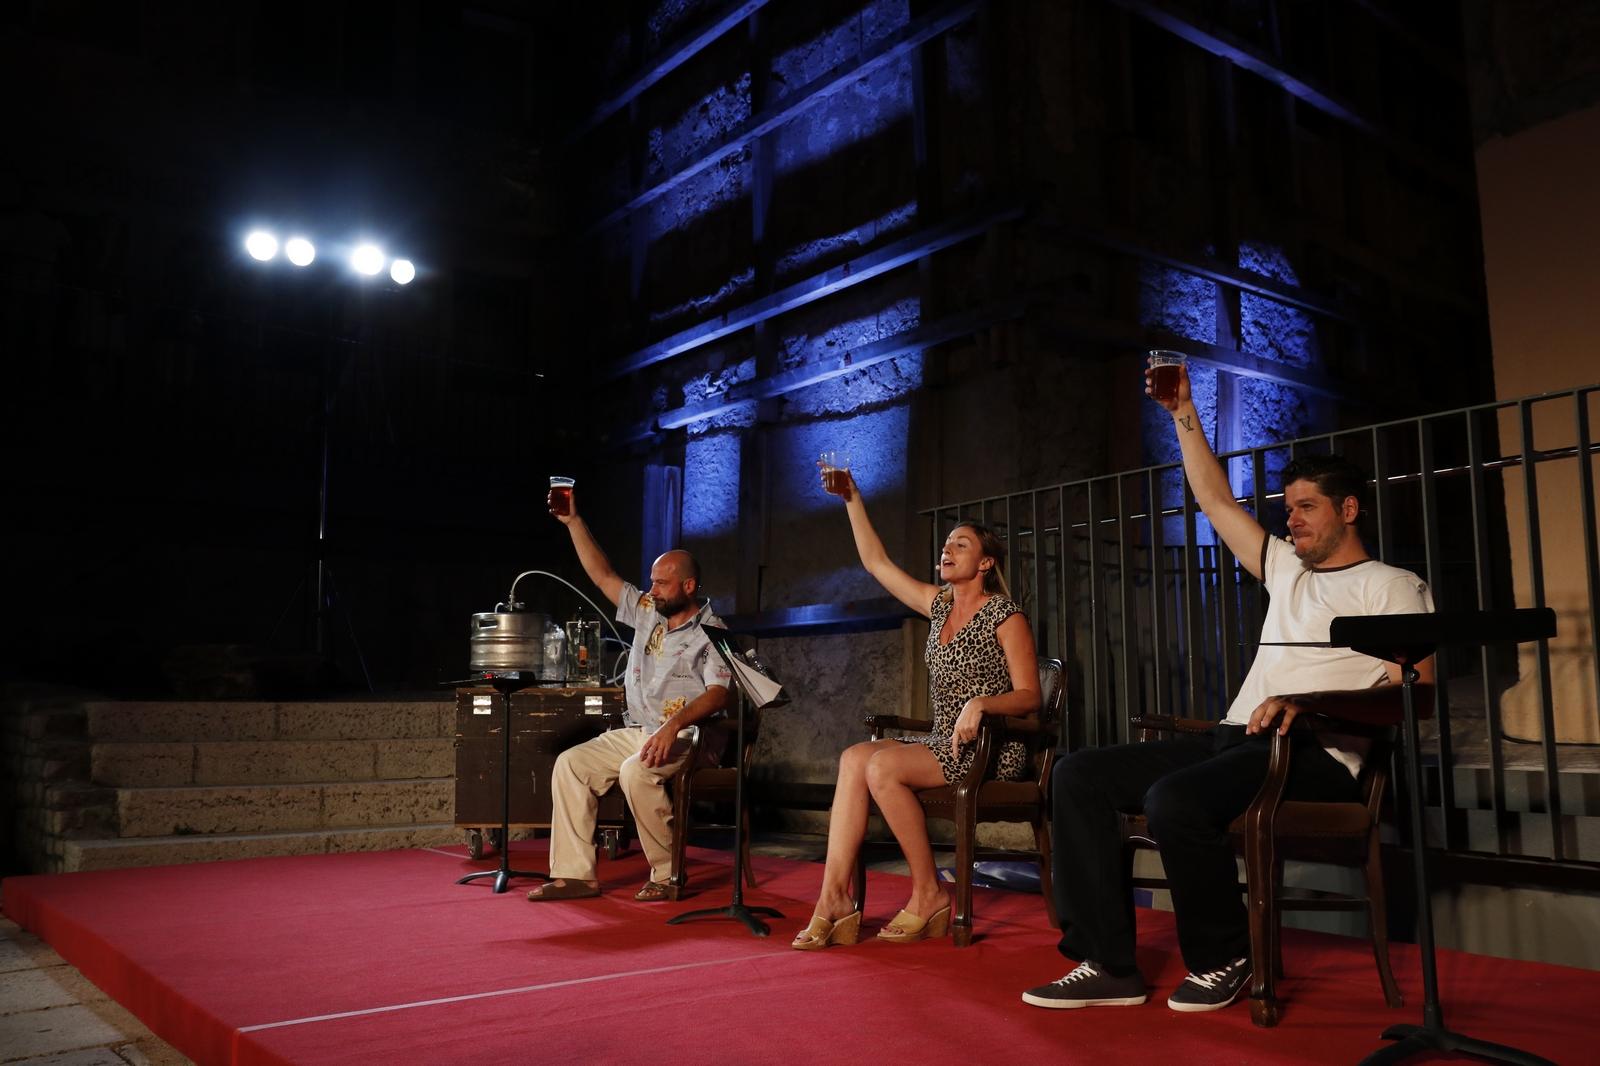 Zajc stand up-Dean Krivačić, Anastazija Balaž i Jasmin Mekić (1)